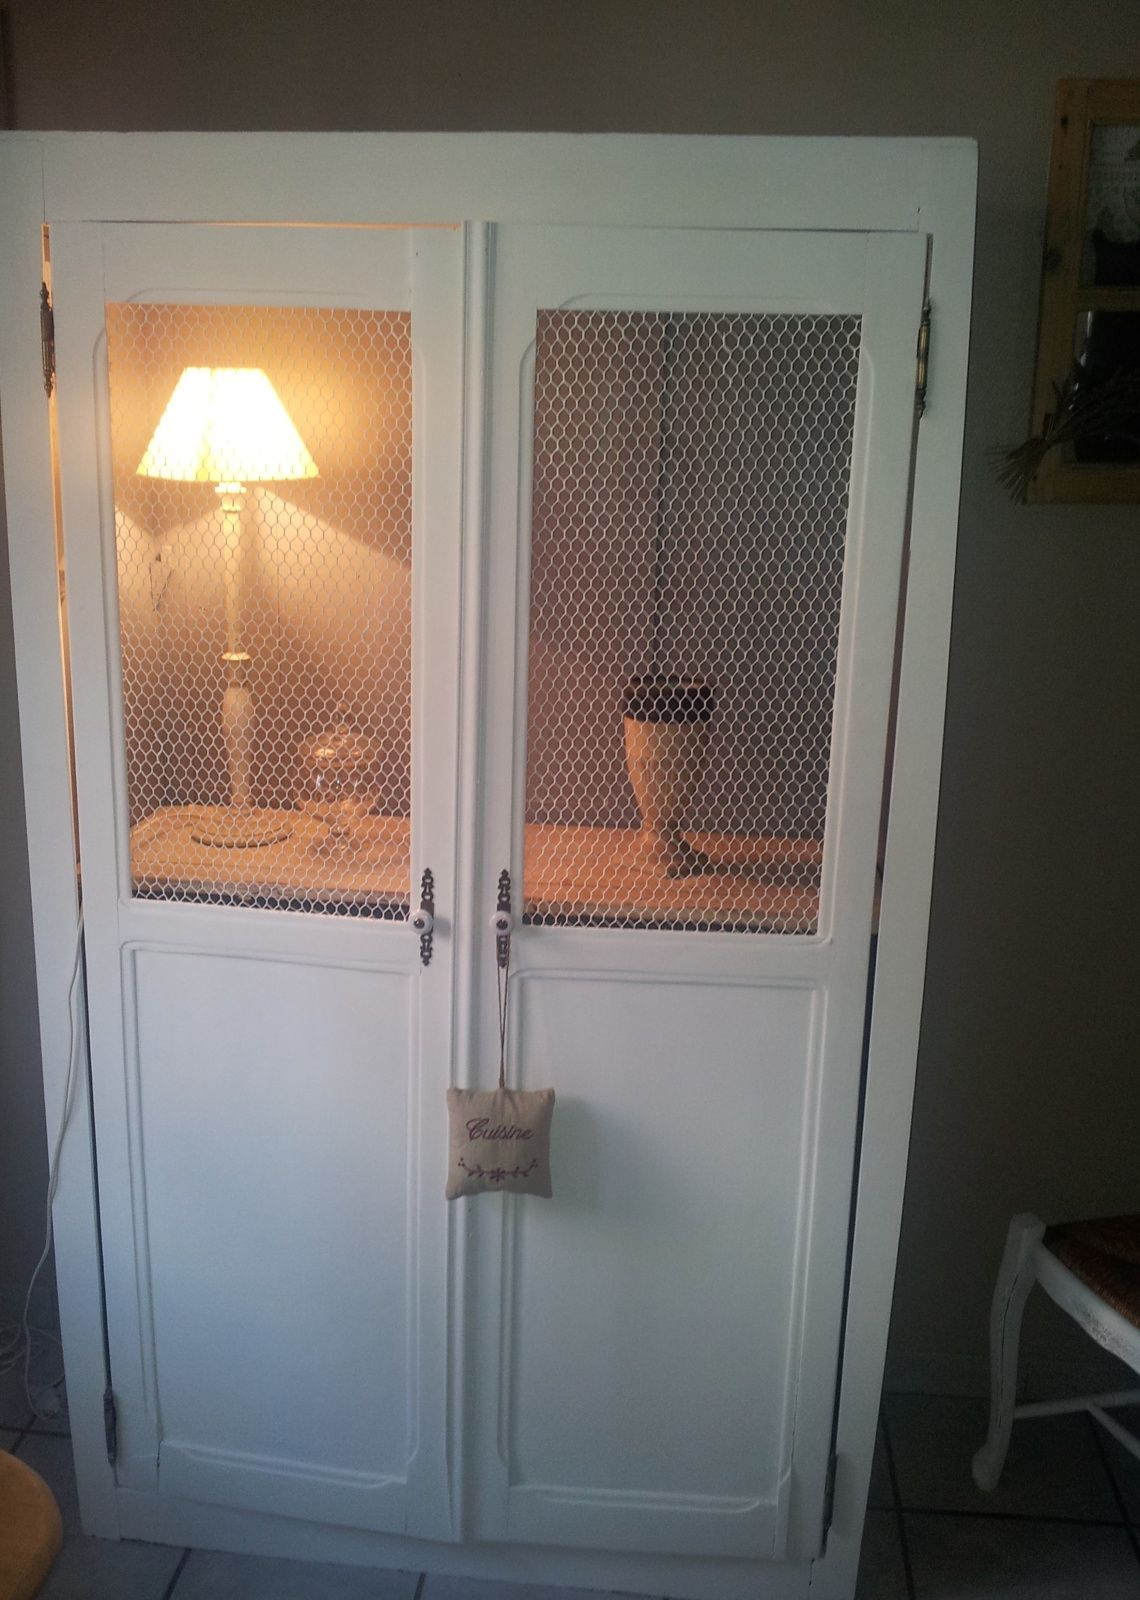 d coration d 39 int rieur relooking de meubles deco. Black Bedroom Furniture Sets. Home Design Ideas